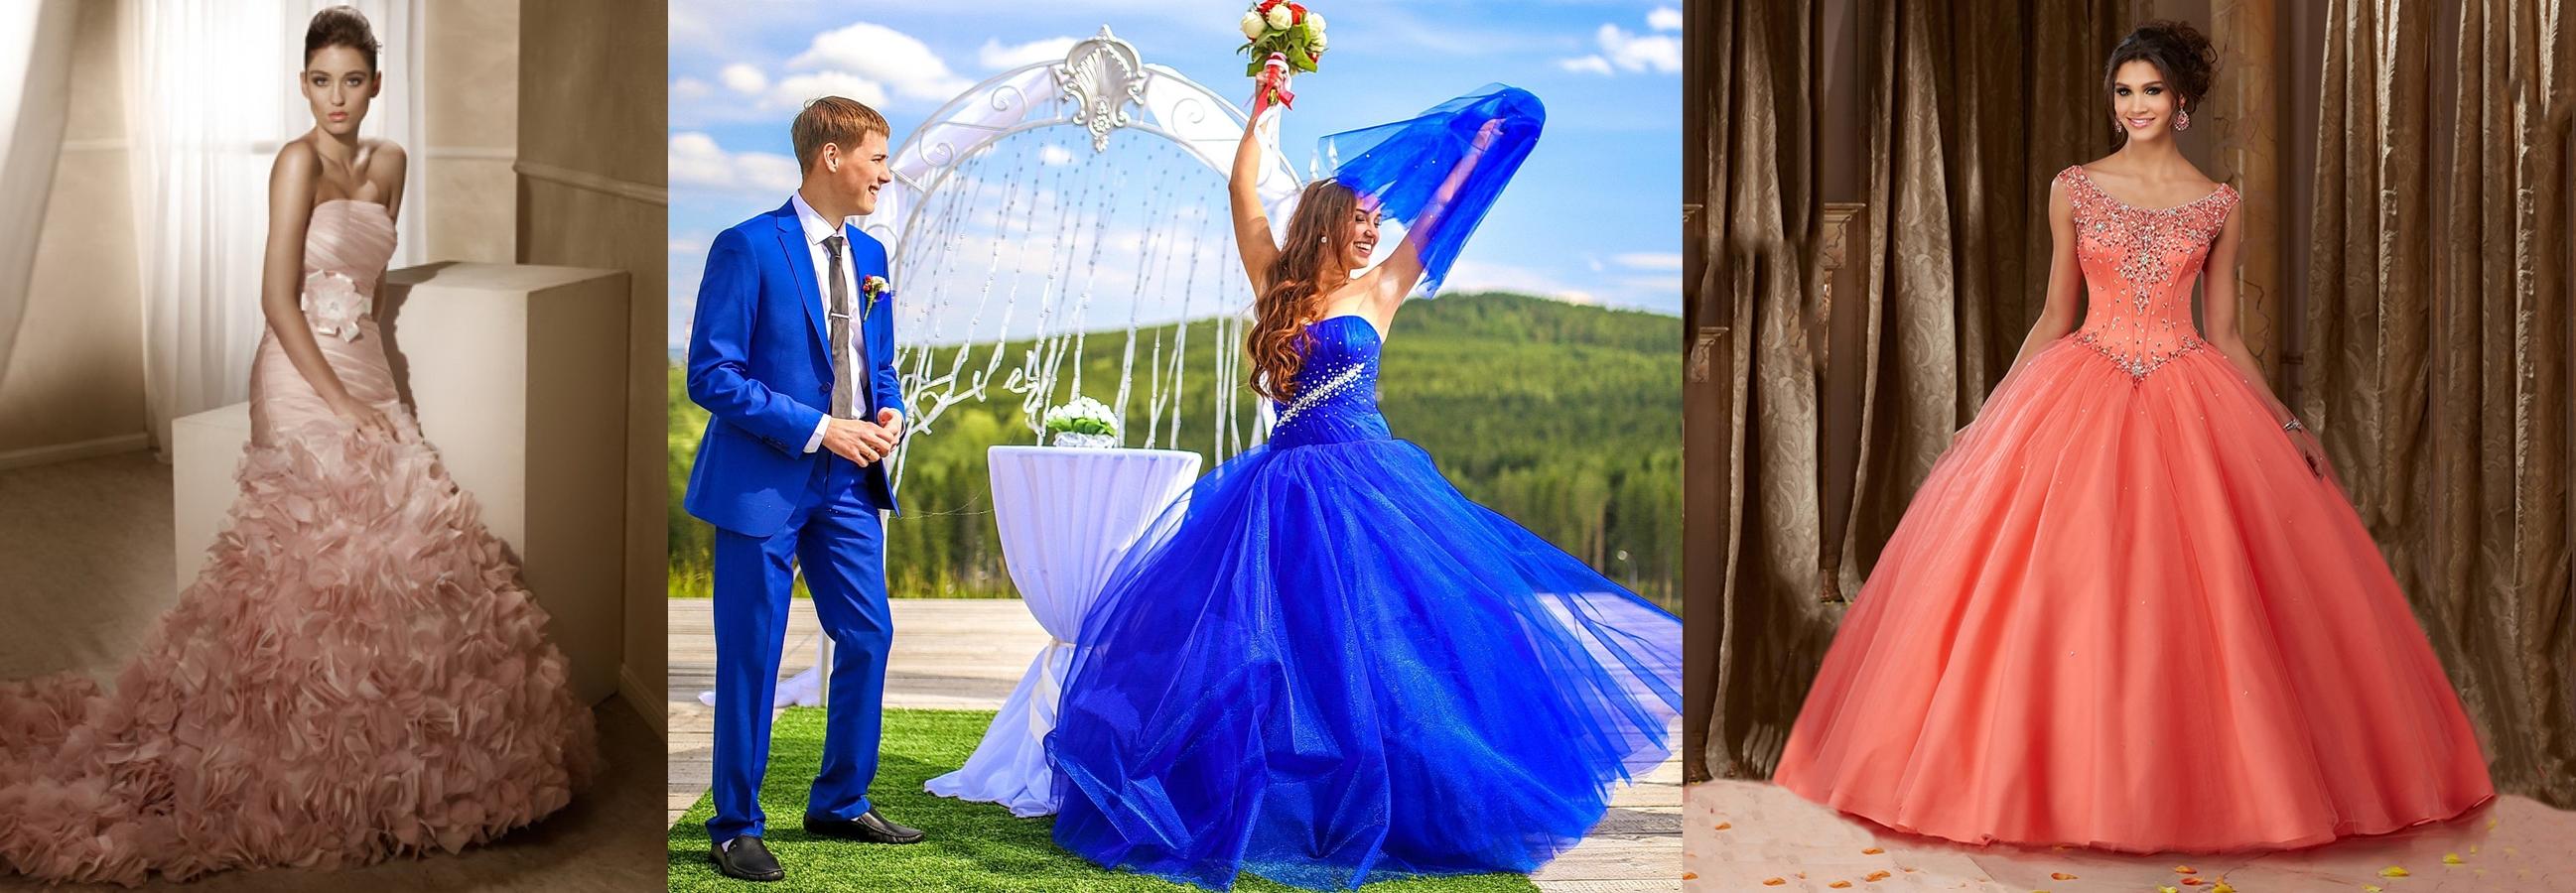 Rochii De Mireasă Pe Care Nu Le Aş Purta în Ziua Nunţii Rochii De